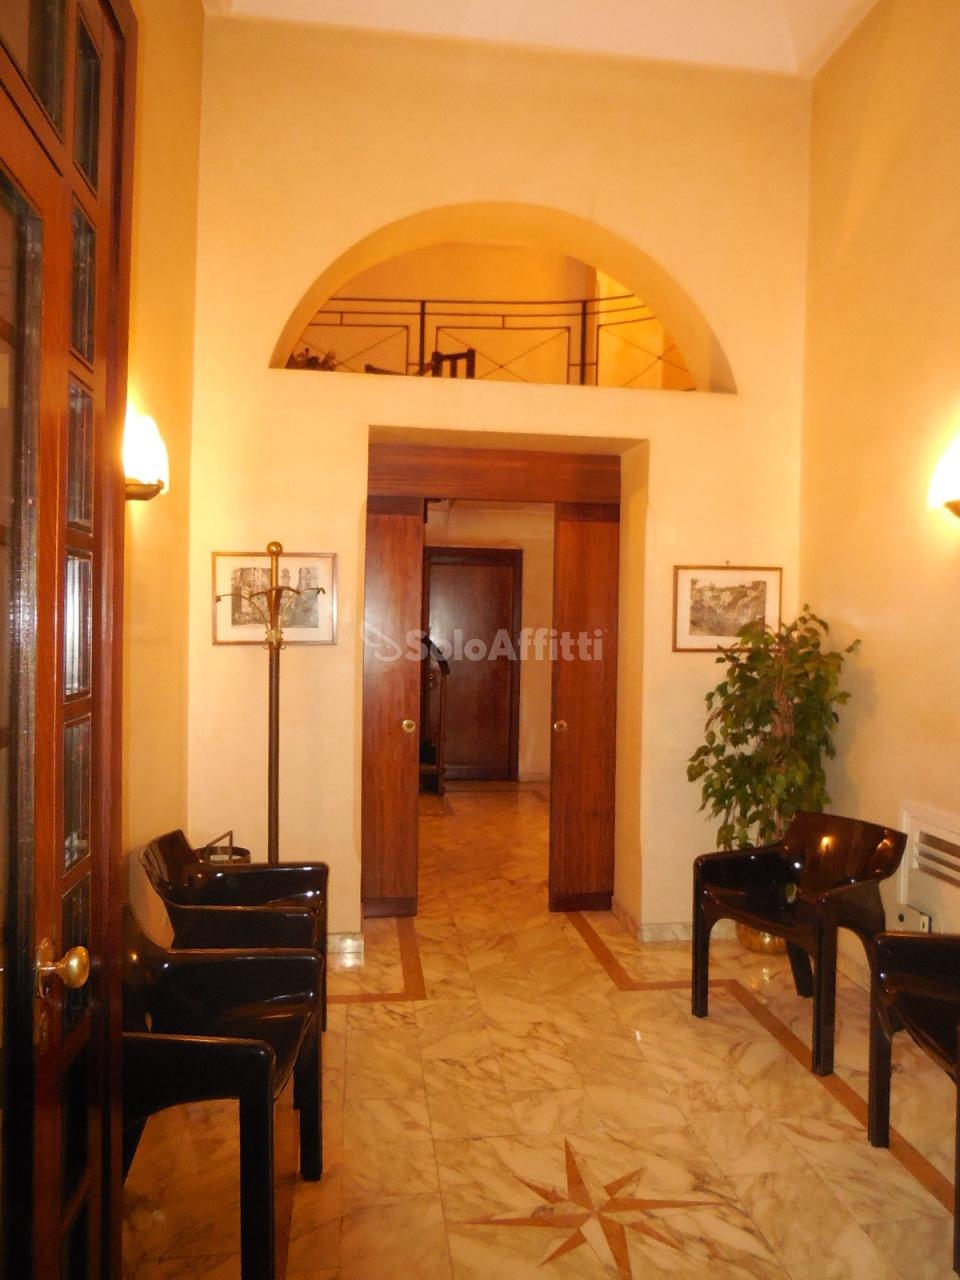 Ufficio - 2 locali a S. Ferdinando - Municipio, Napoli Rif. 9998008